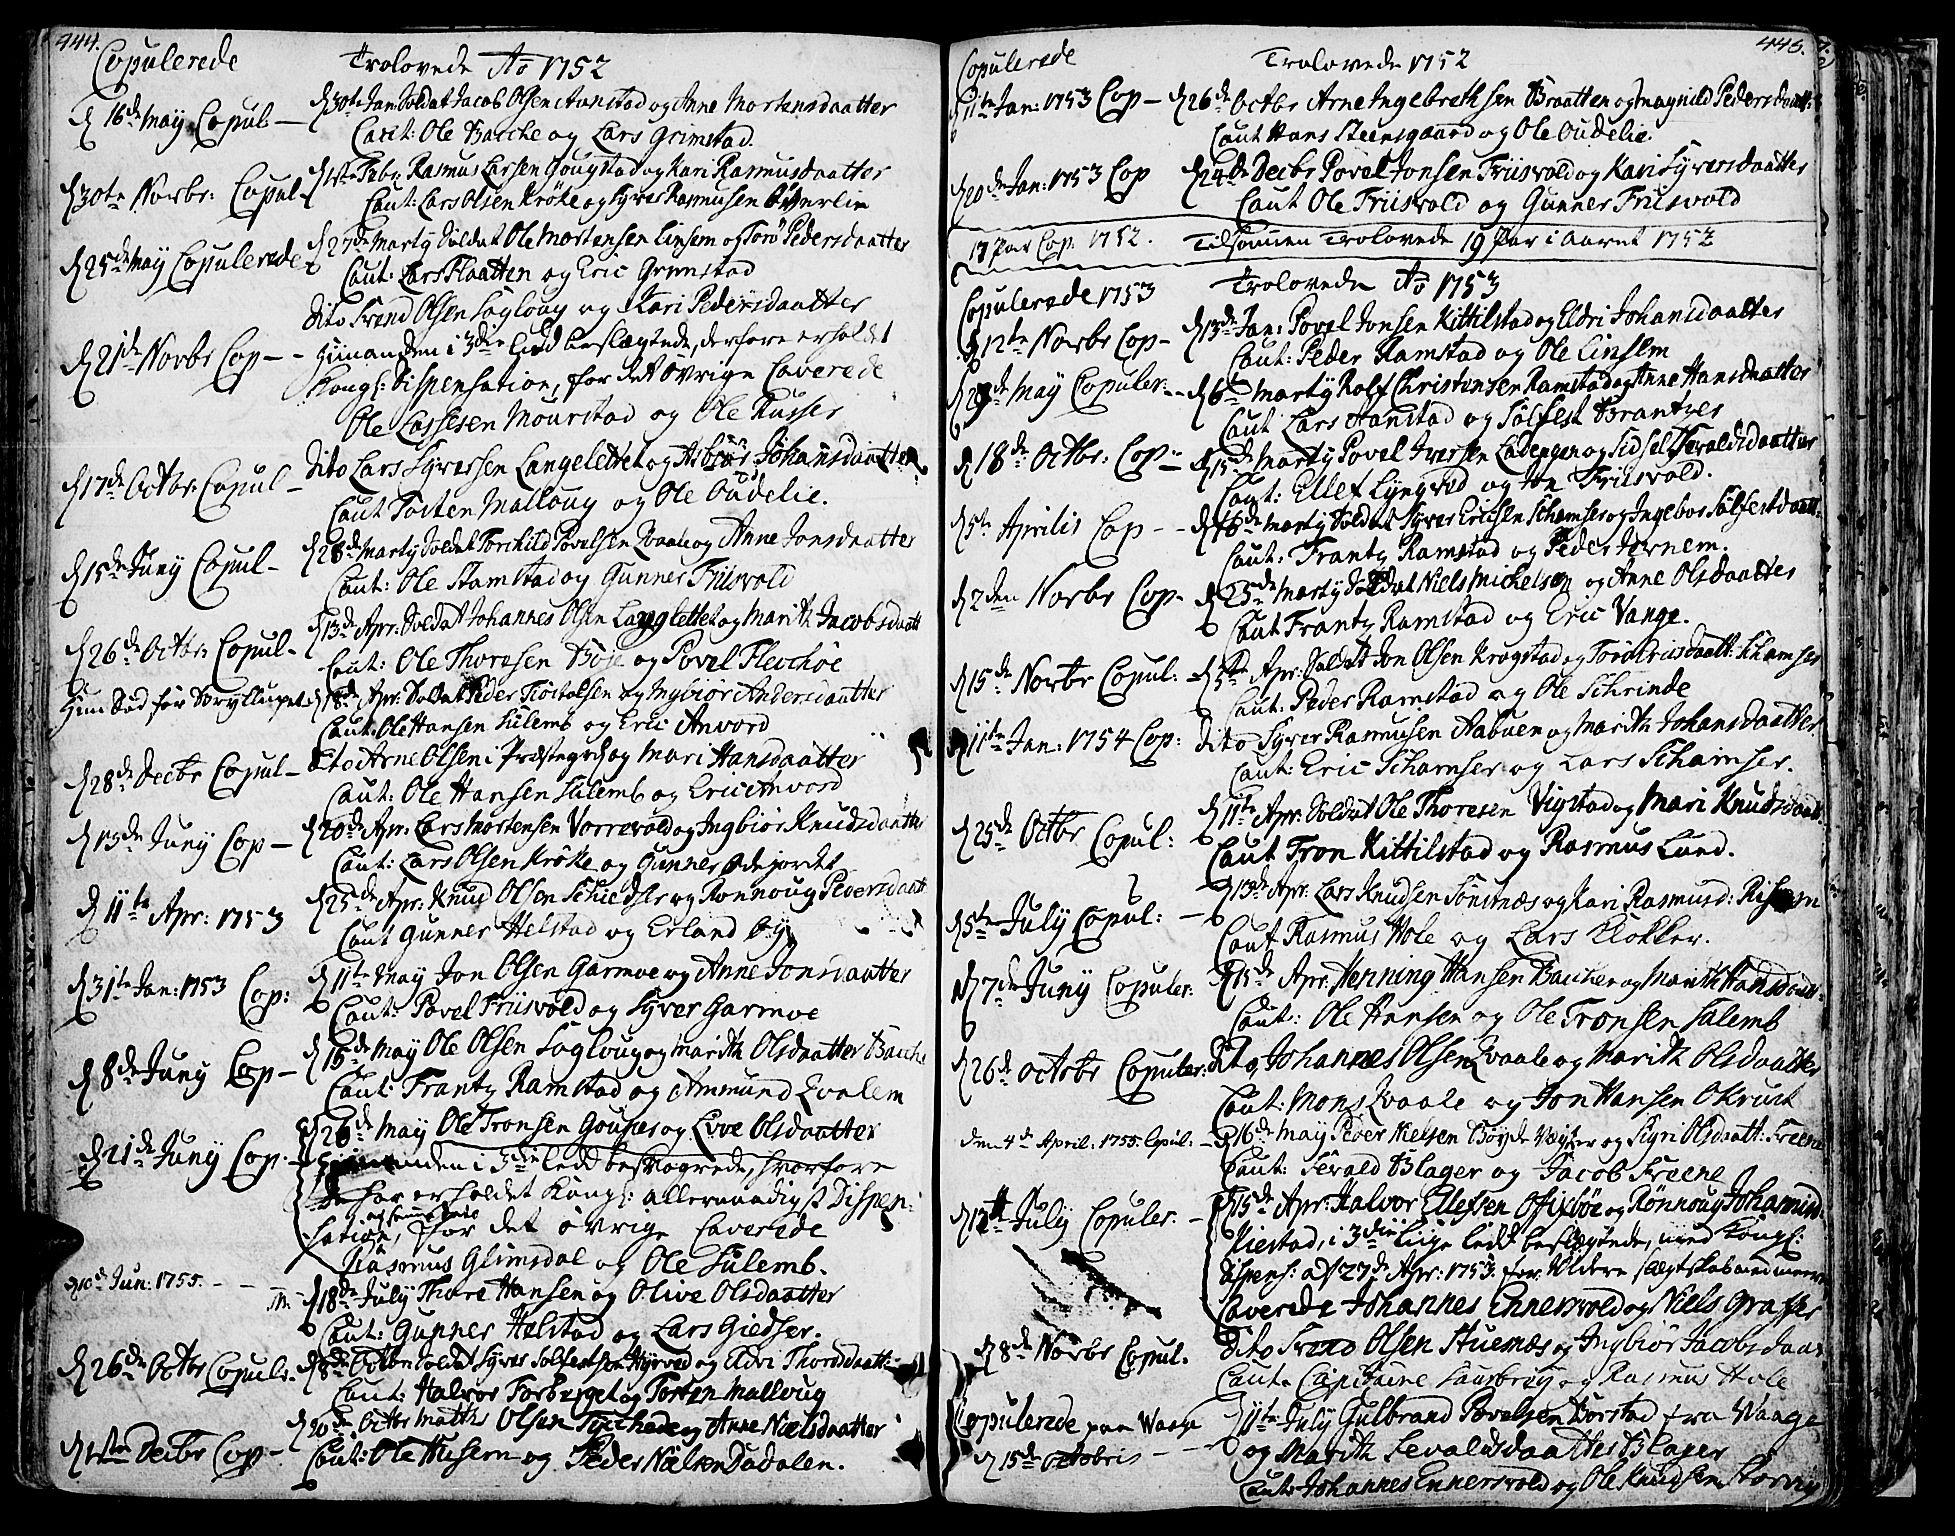 SAH, Lom prestekontor, K/L0002: Ministerialbok nr. 2, 1749-1801, s. 444-445